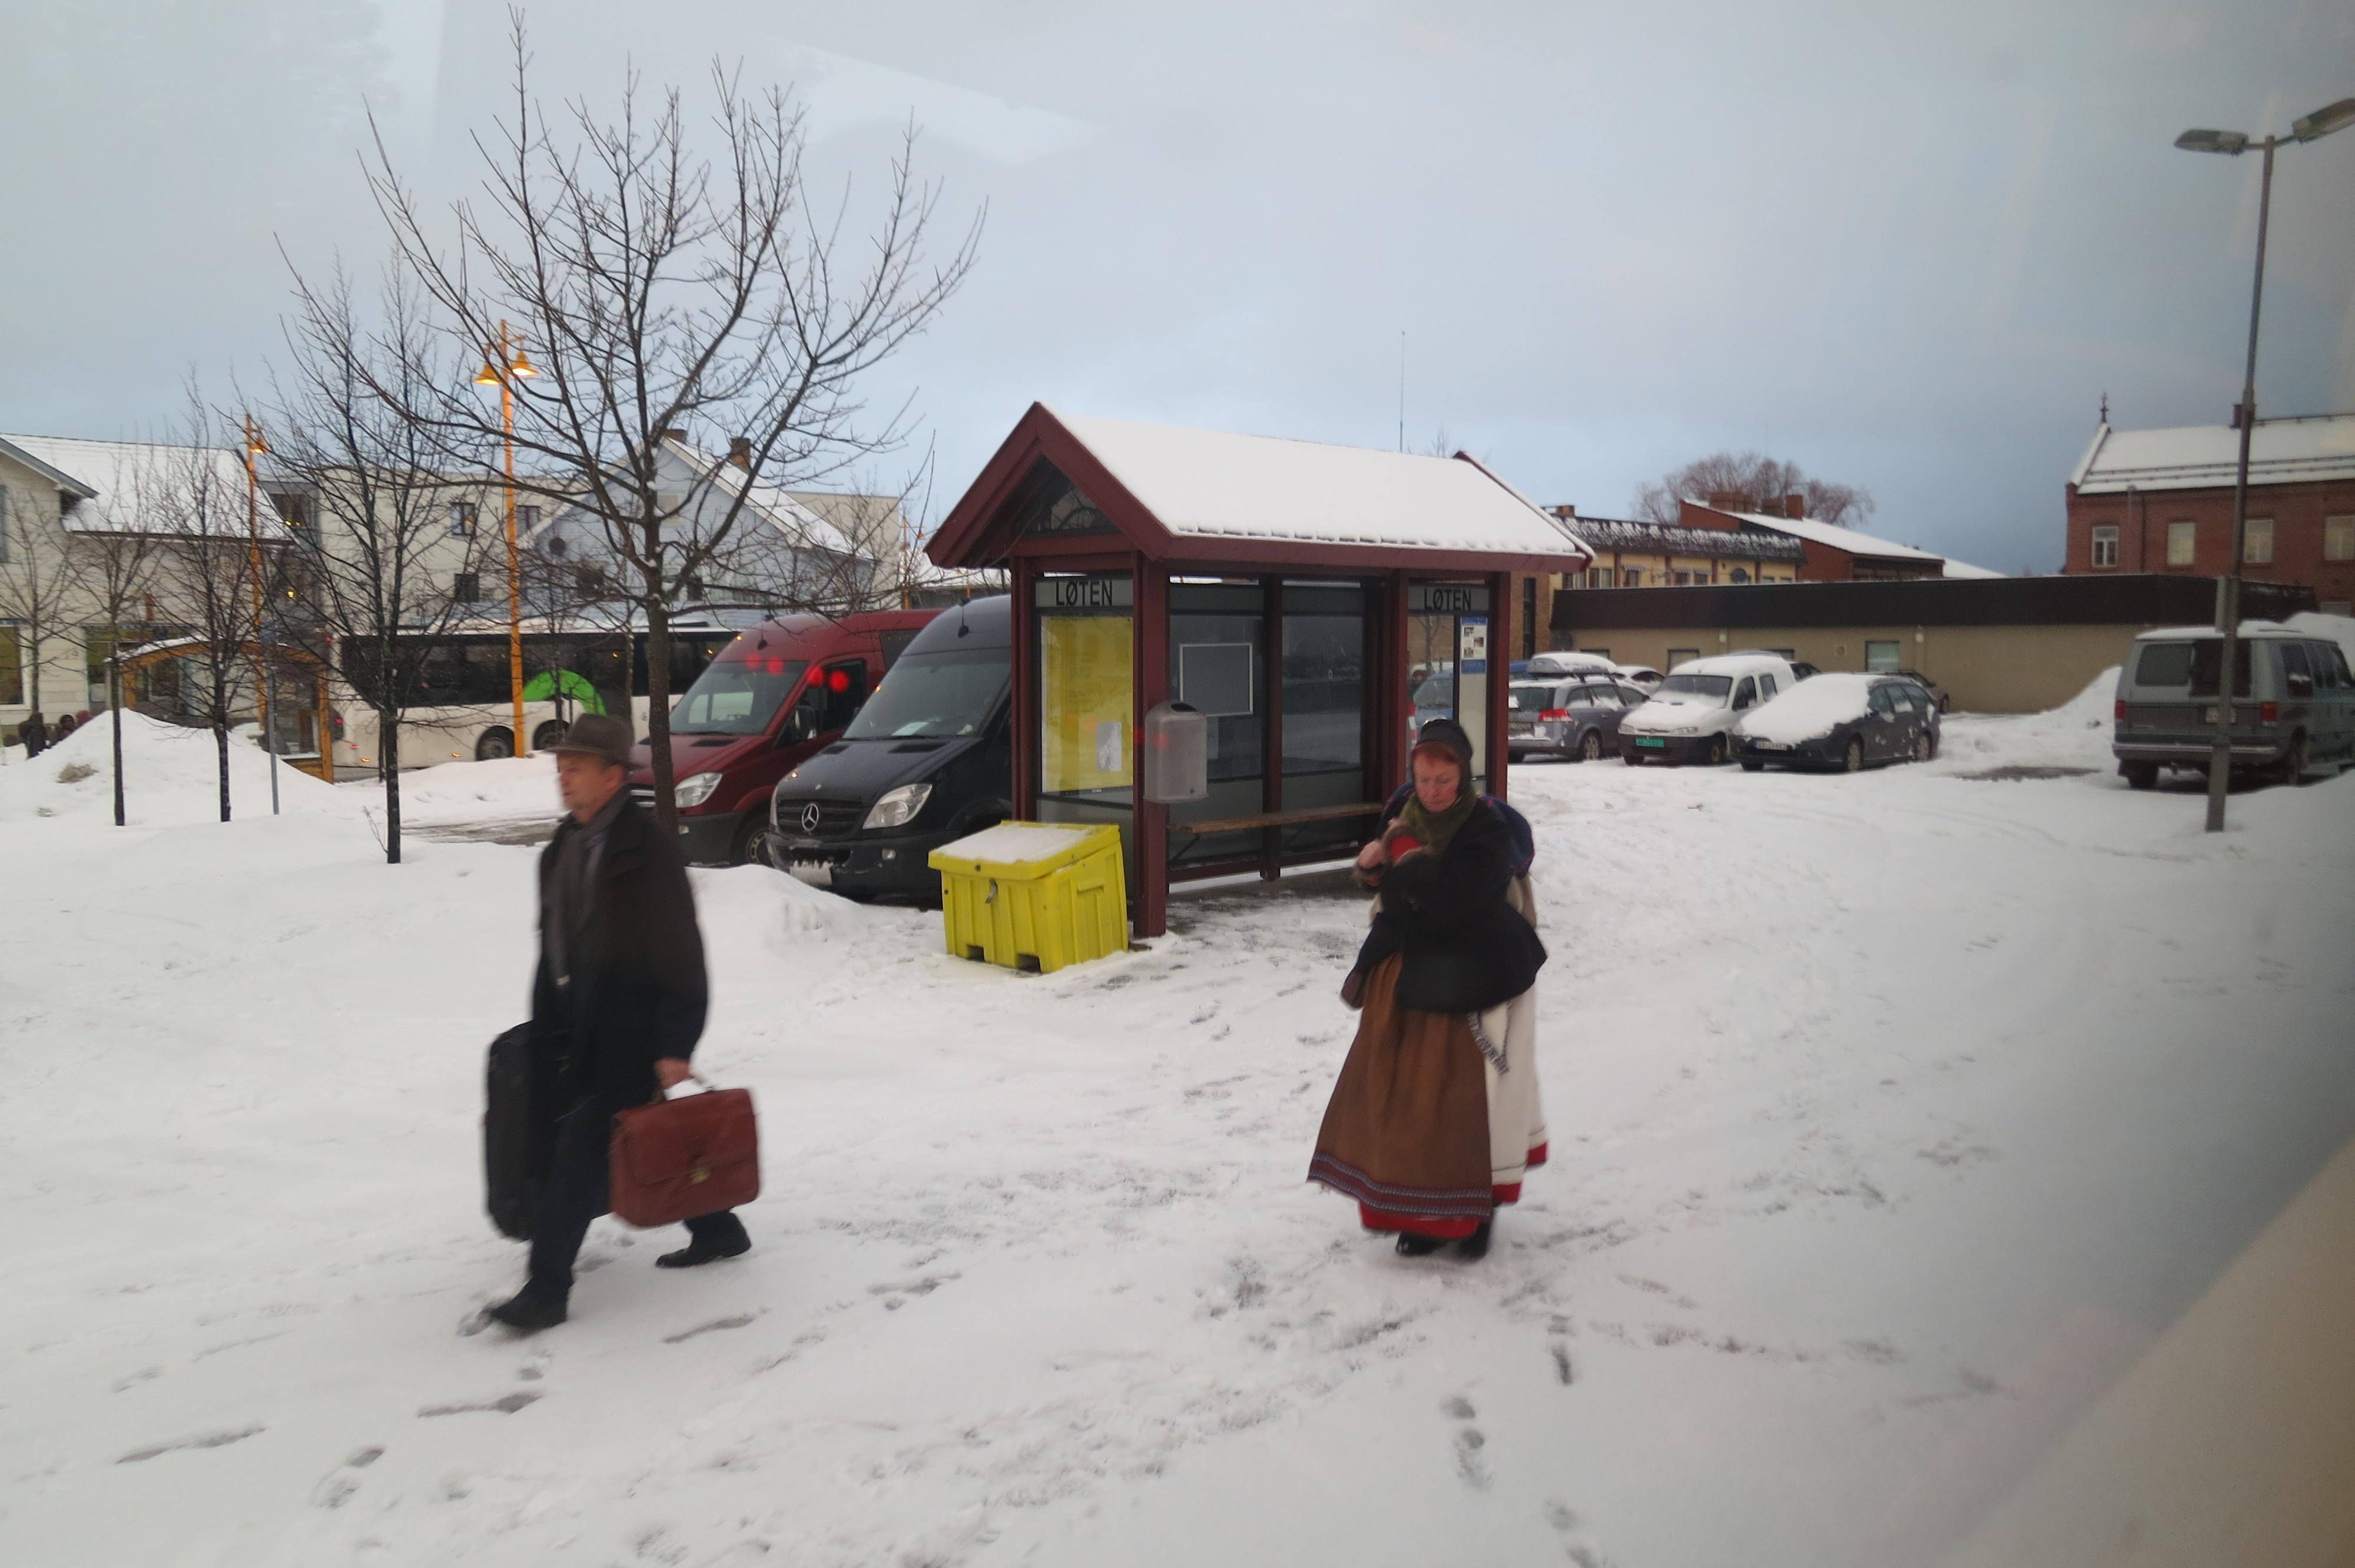 Løten stasjon, og Mari er på vei til toget. Foto: K. Bogsti